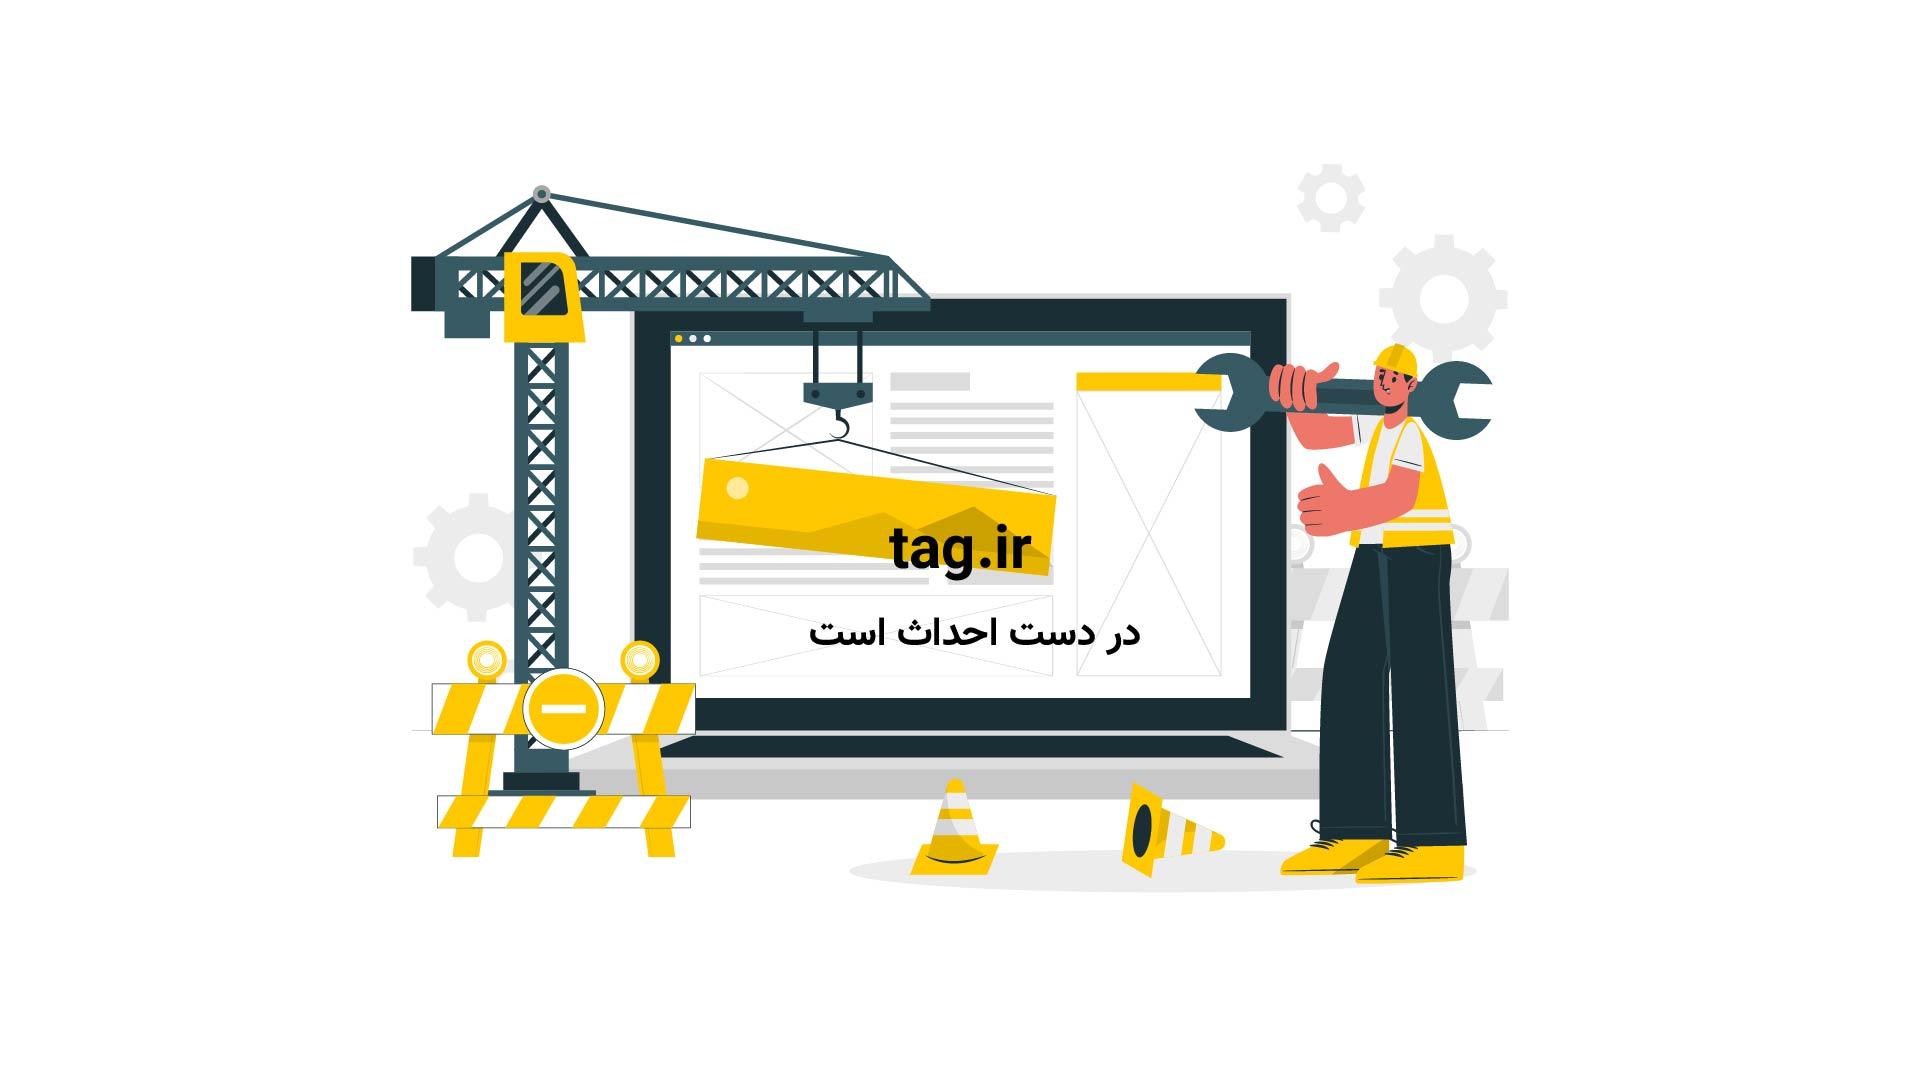 تلاش جغد برای دور کردن گرگ از جوجه هایش | فیلم